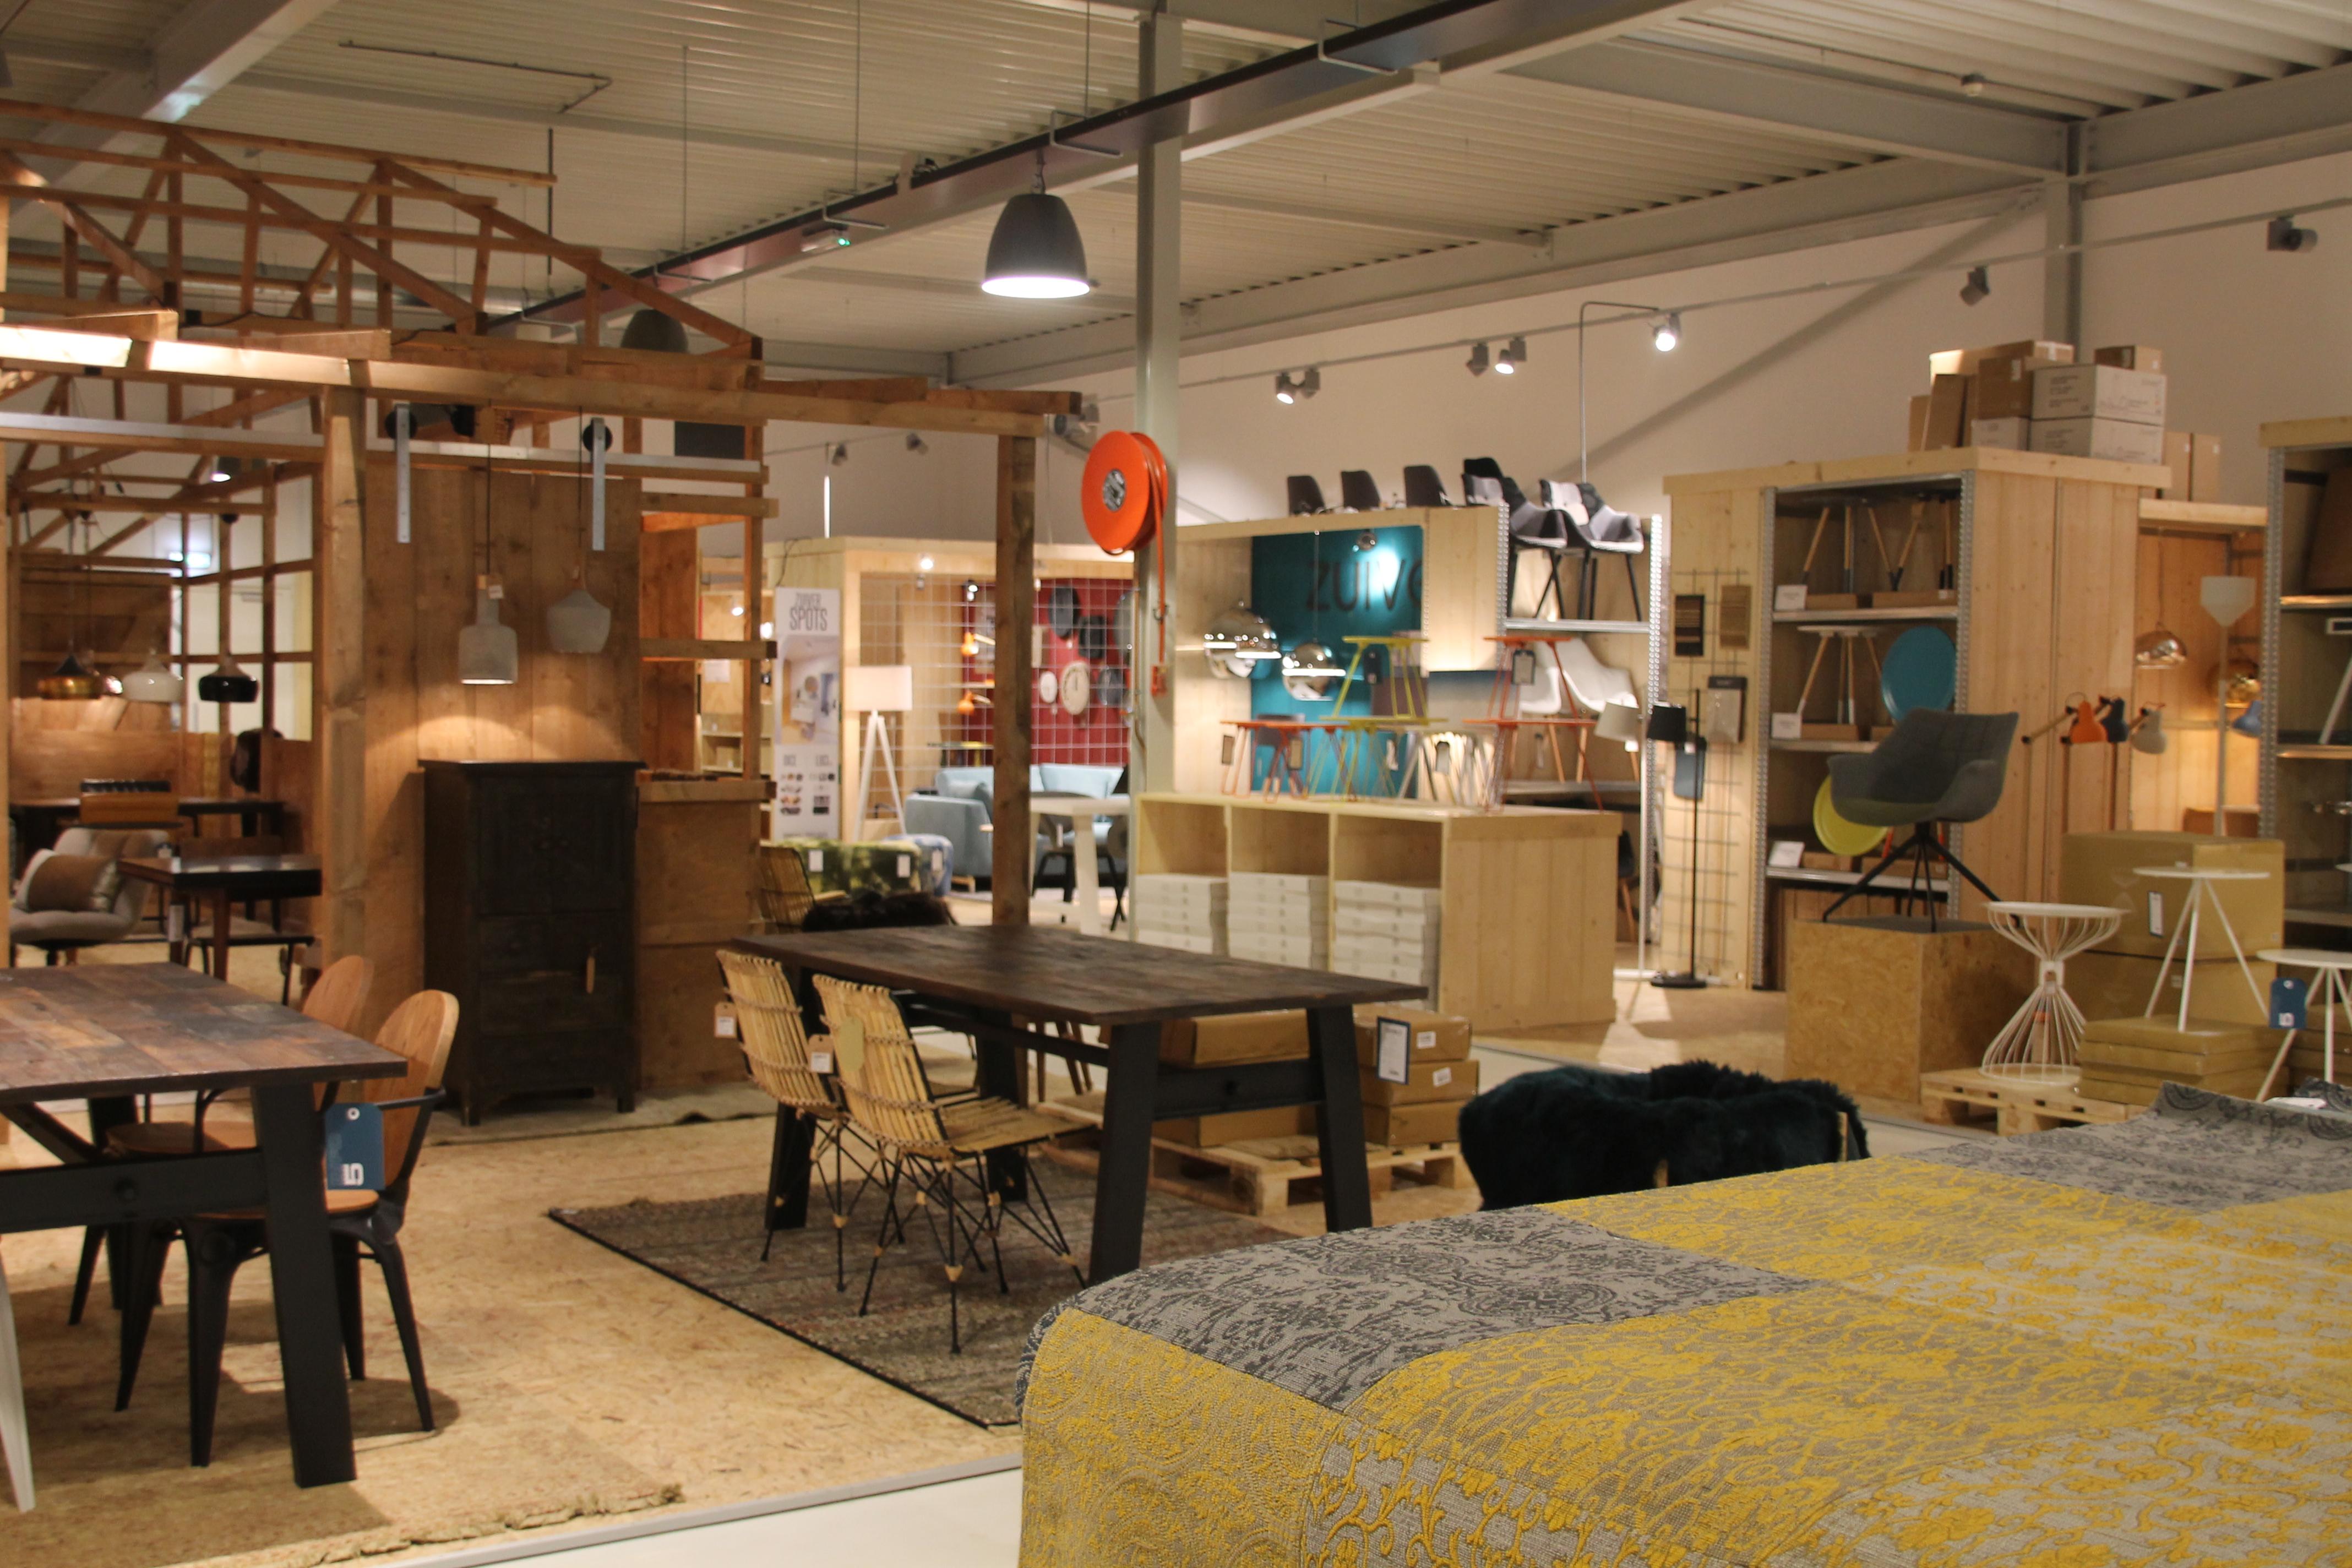 #B43B1723671440 10 Mooiste Interieurwinkels In Nederland MAN MAN Van de bovenste plank Retro Design Meubels Groningen 43 beeld 4272284843 Inspiratie